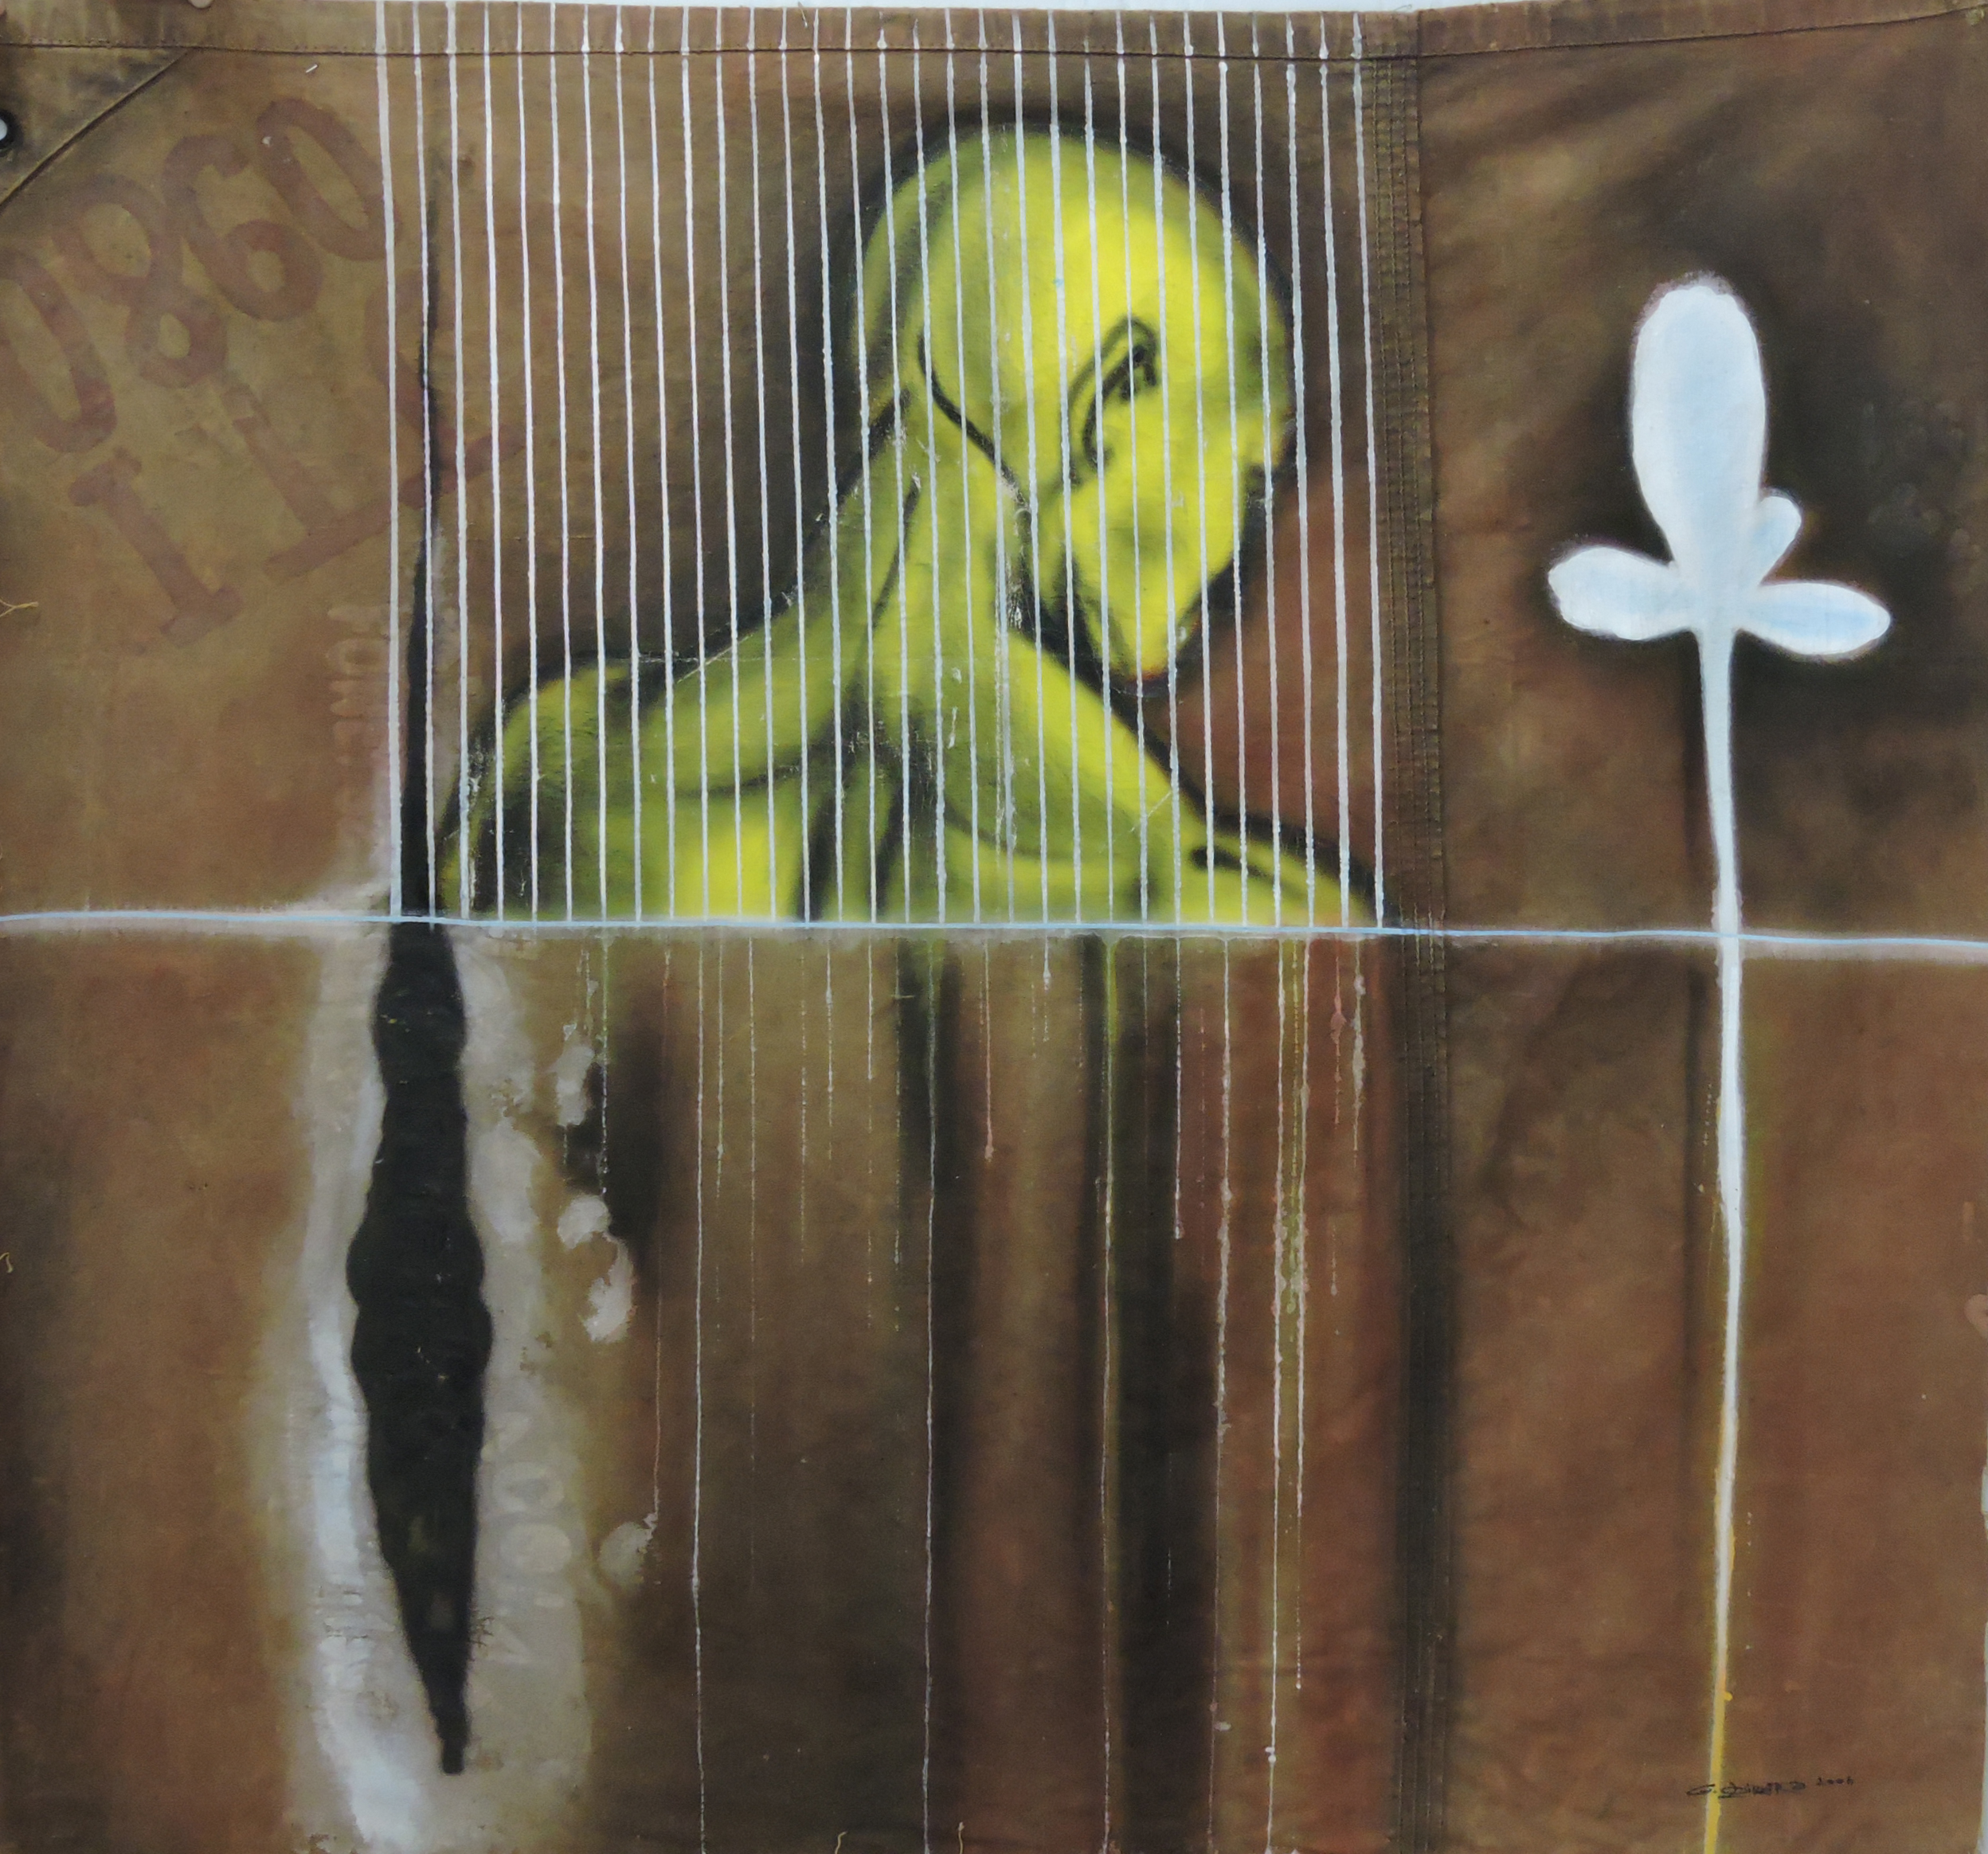 Genison_Oliveira_-_Exposição_Secreto._Figura_humana,_2006._Mista_s_lona,132_x_130